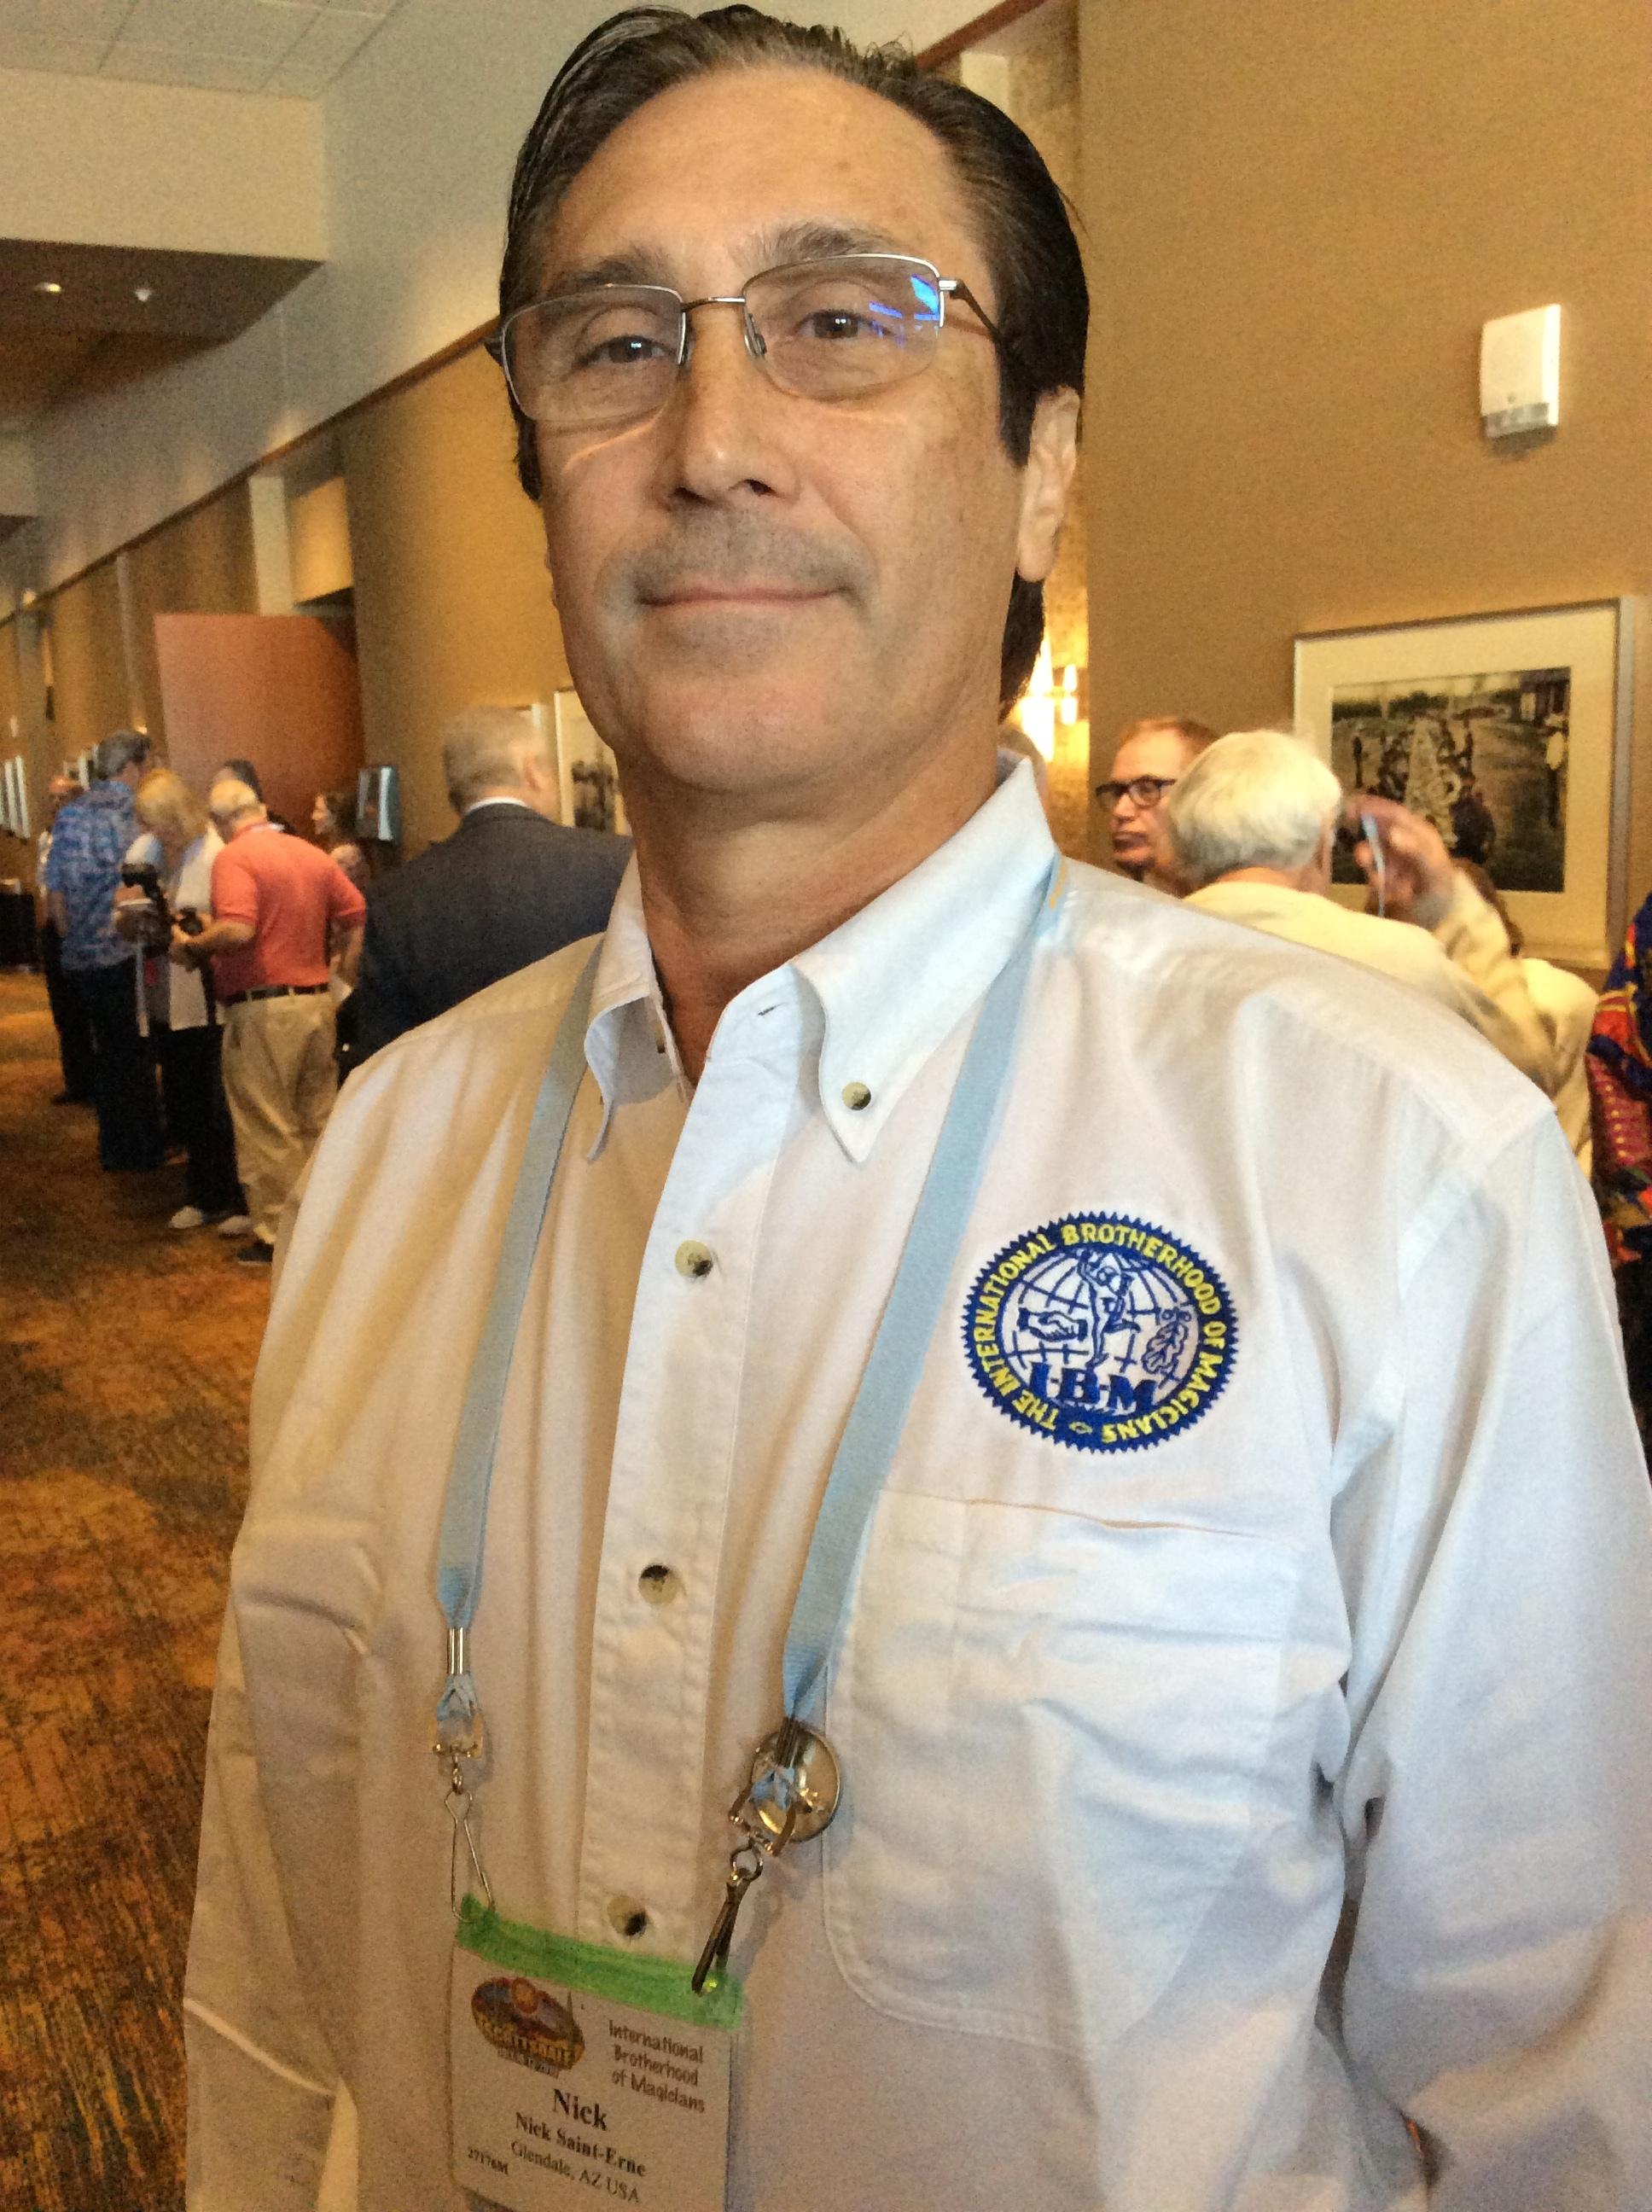 Dr. Nick St. Erne